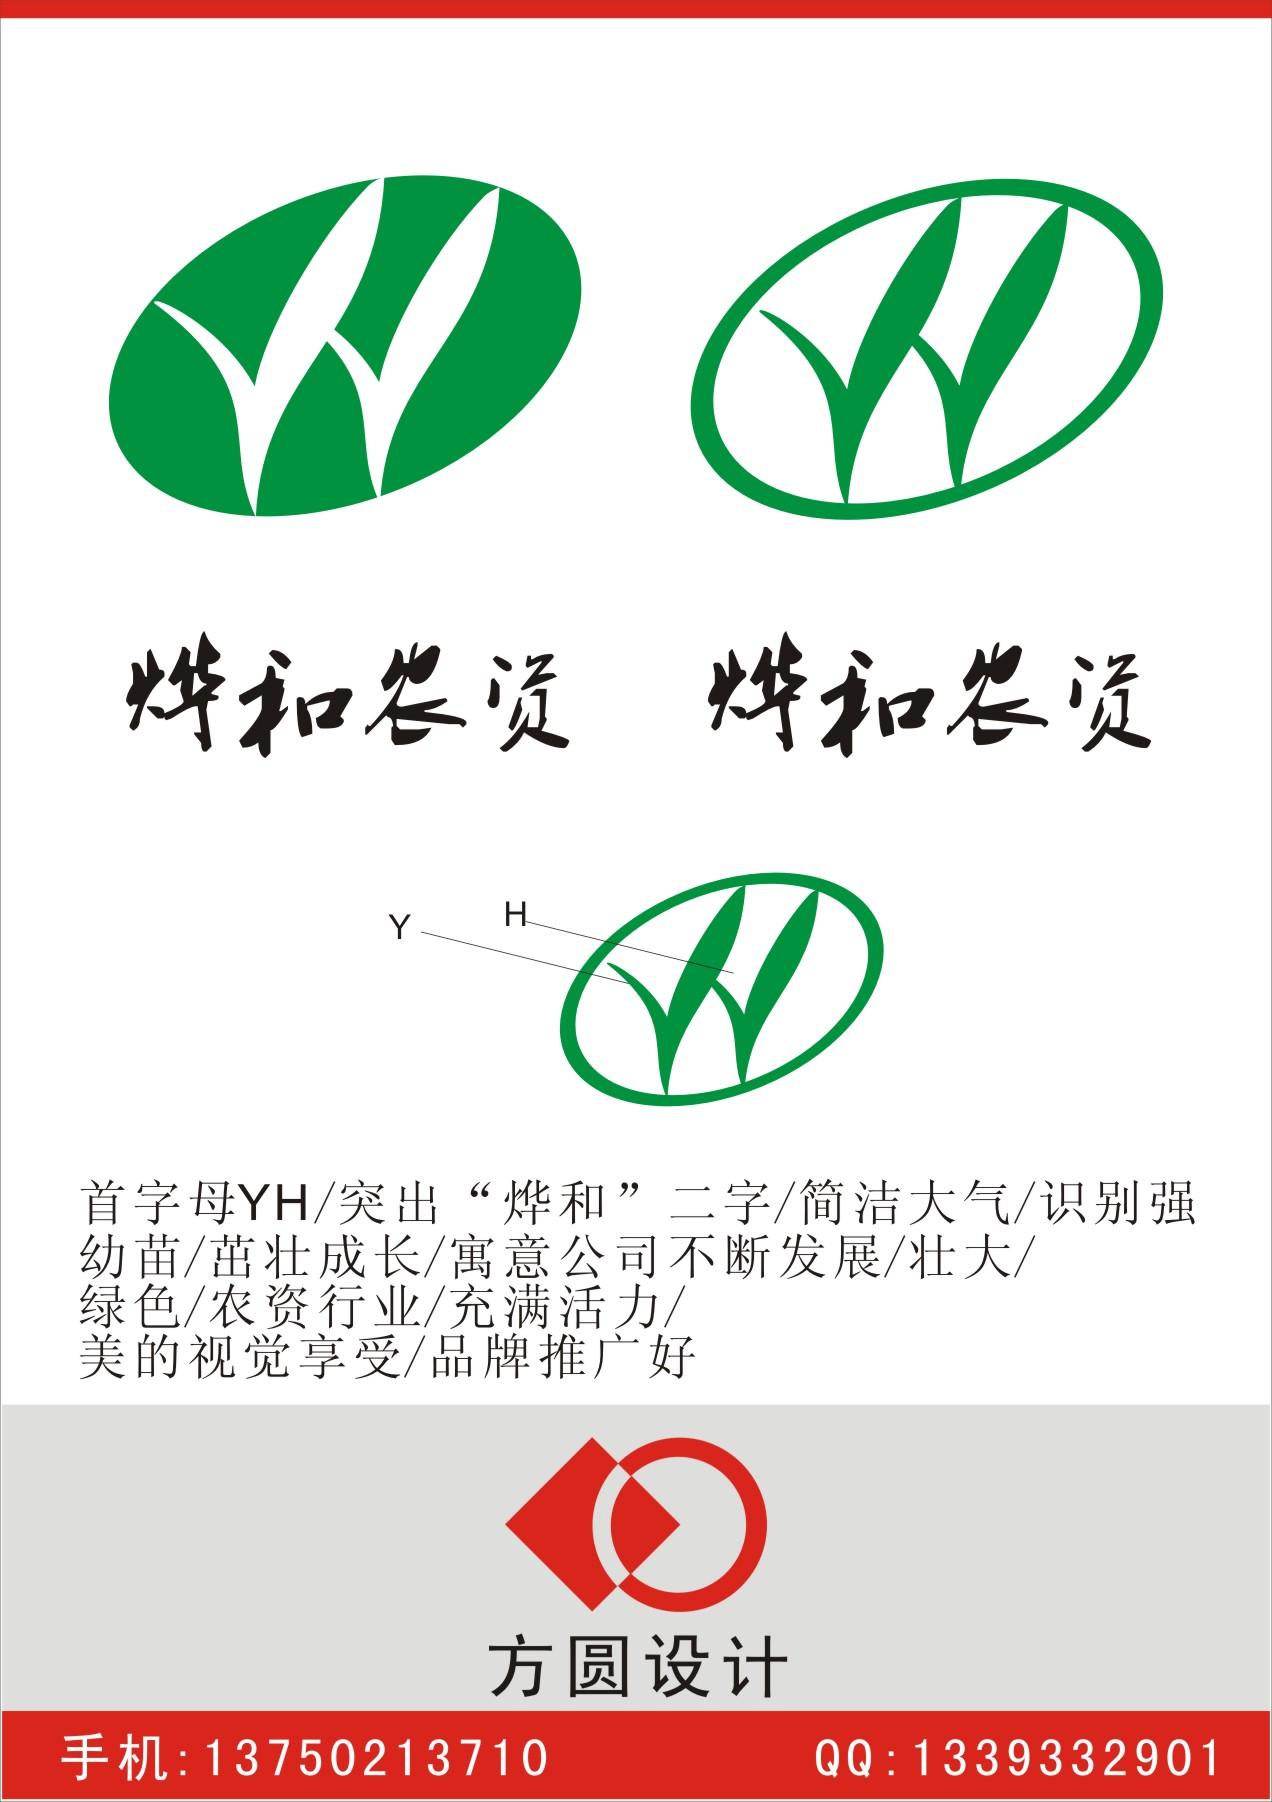 设计农资公司logo- 稿件[#2508422]